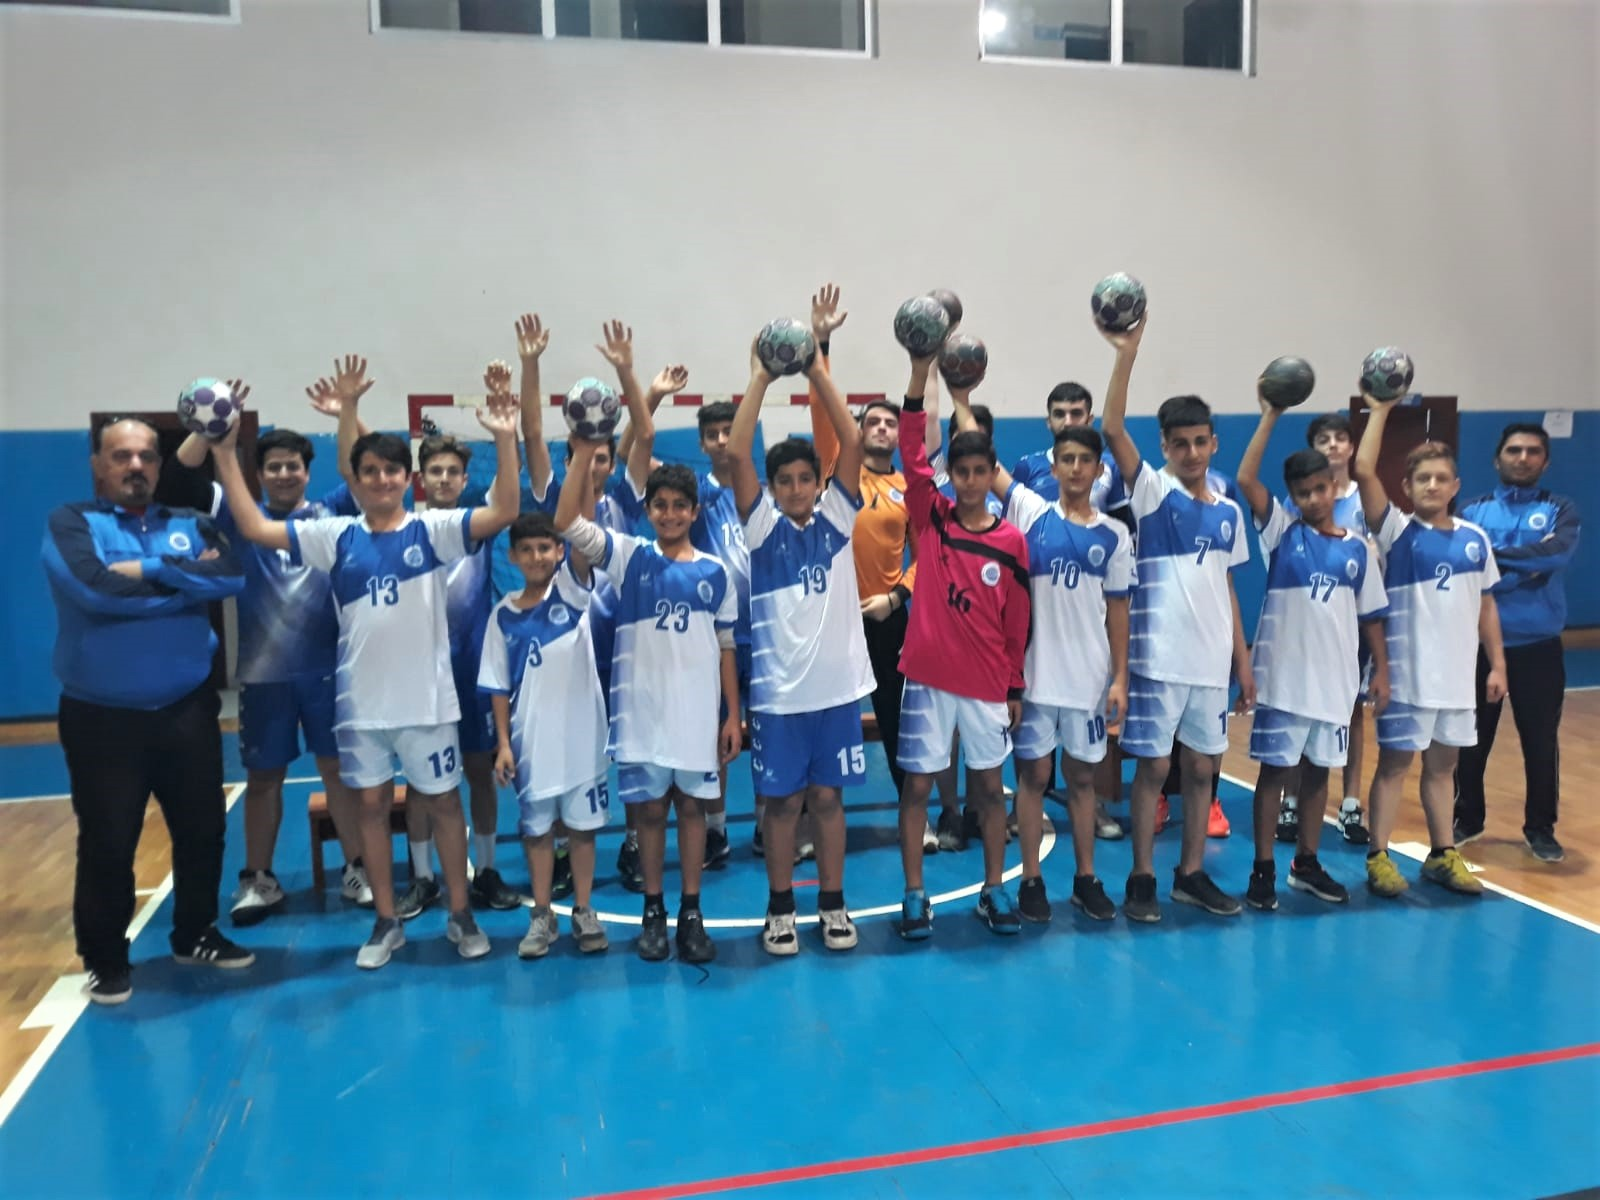 Seyhan'ın genç erkek hentbolcuları 'İl Birincisi' oldu: Hedef, Türkiye şampiyonluğu